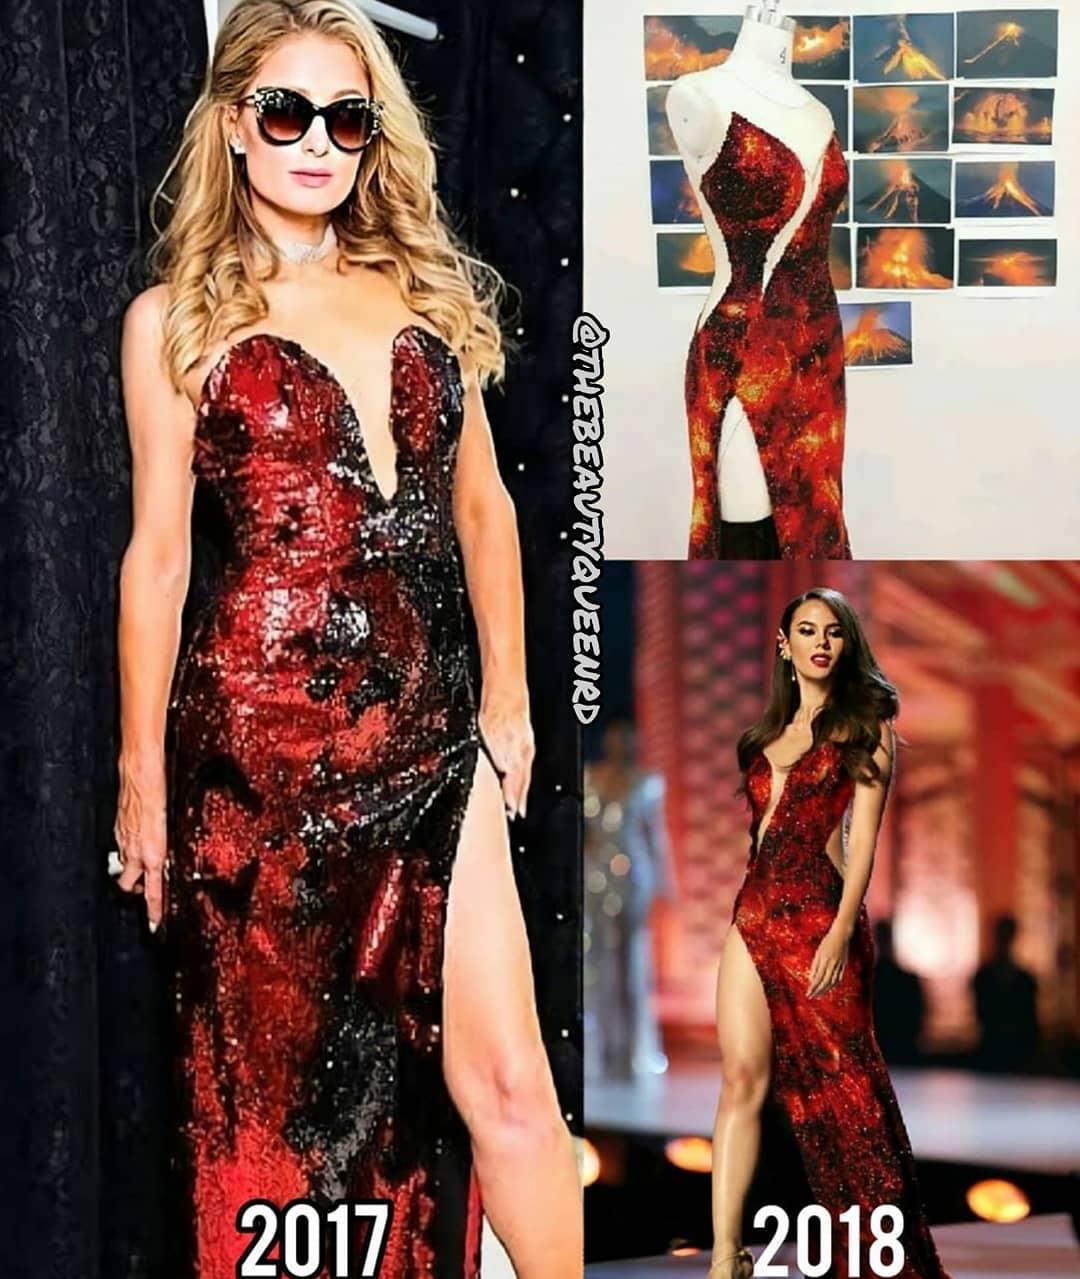 evening gown de miss universe 2018 parecido a este vestido q paris hilton uso em 2017. Sxeetwu4